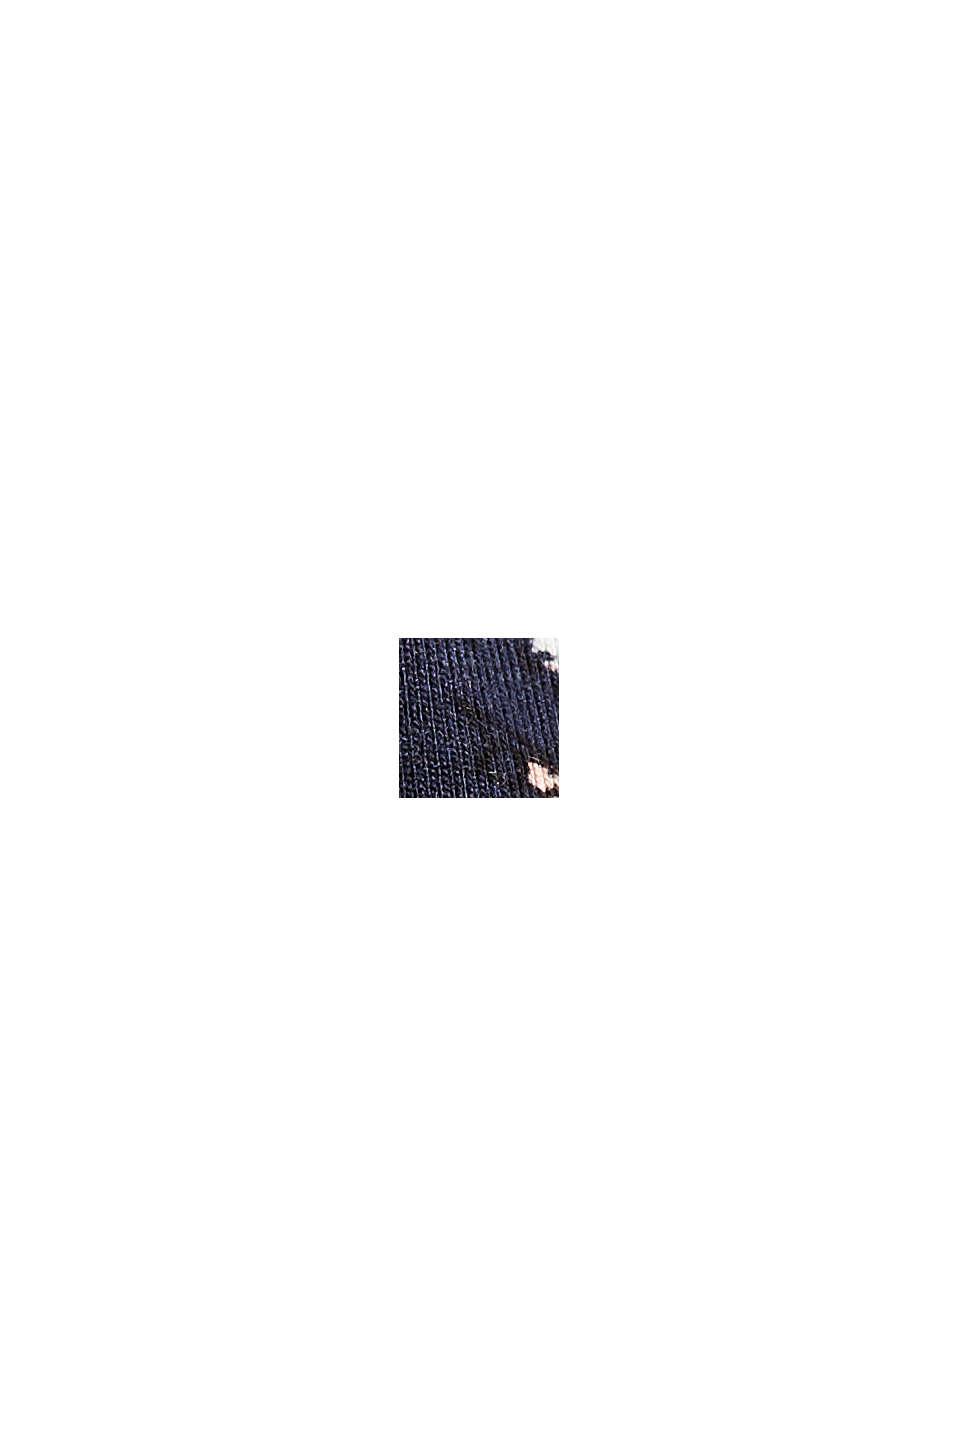 Jersey jurk van LENZING™ ECOVERO™, NAVY, swatch